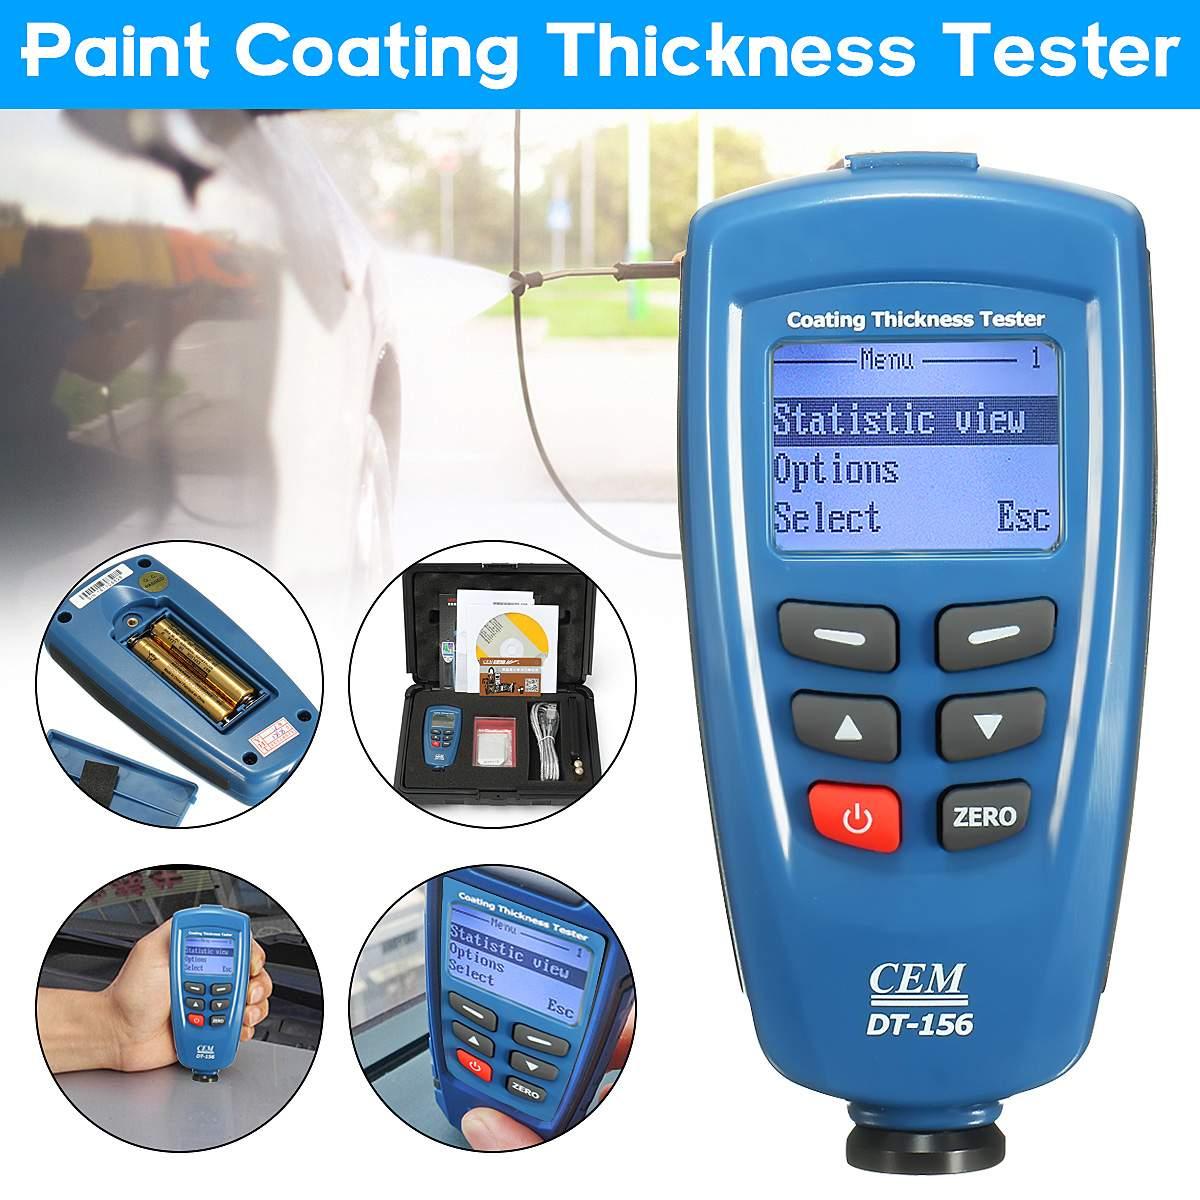 Numérique CEM DT-156 revêtement de peinture jauge d'épaisseur Testeur 0 ~ 1250um avec Haut F & NF Sonde + câble usb + CD logiciel